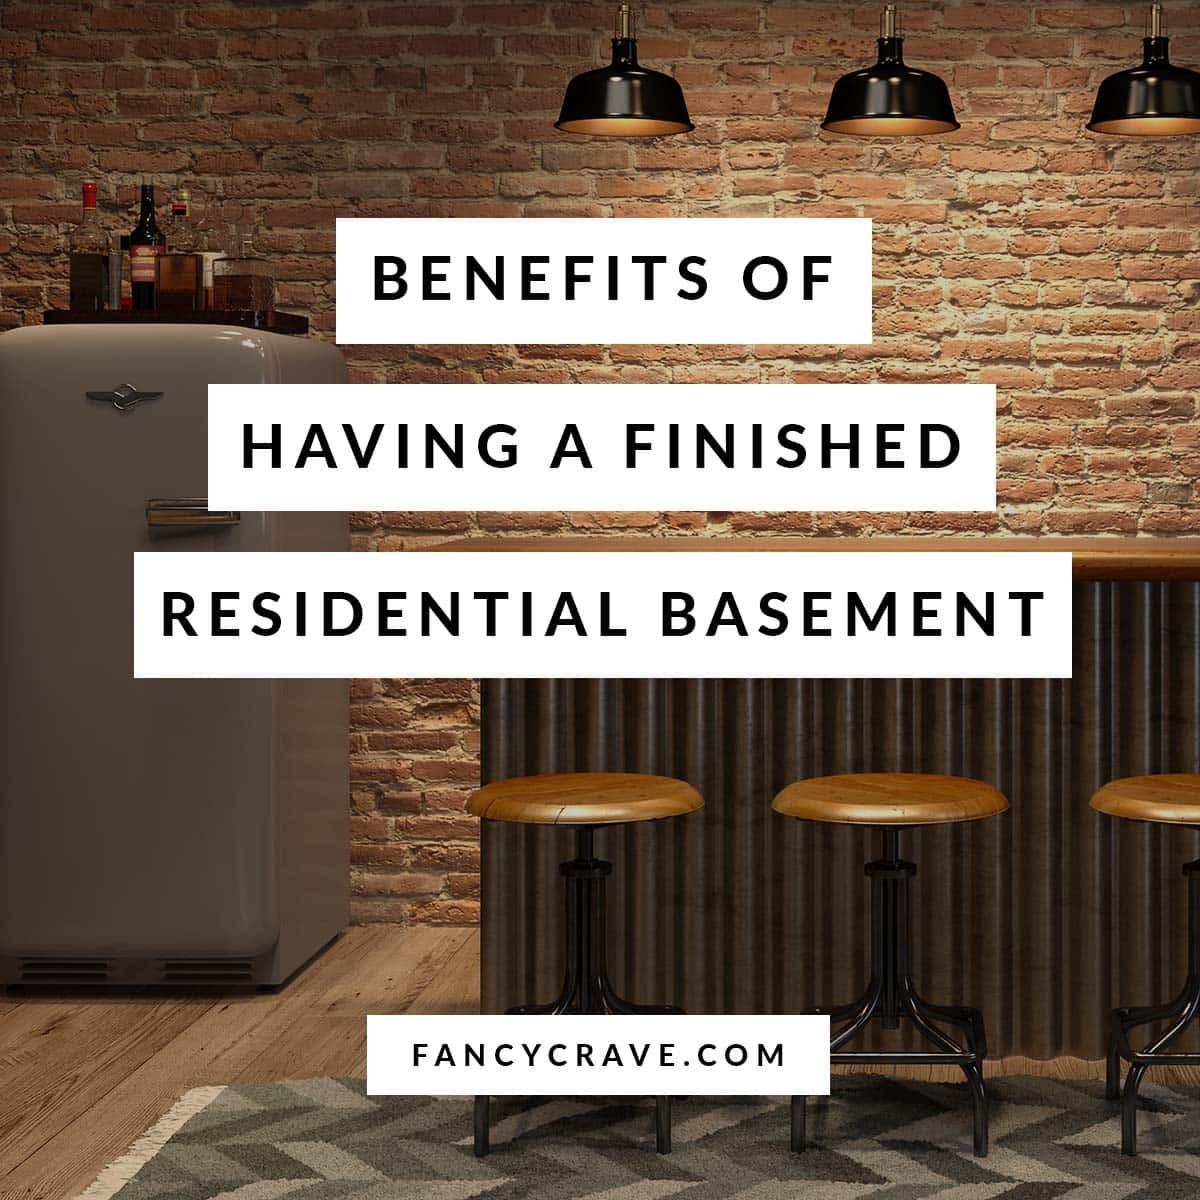 Residential-basement-min